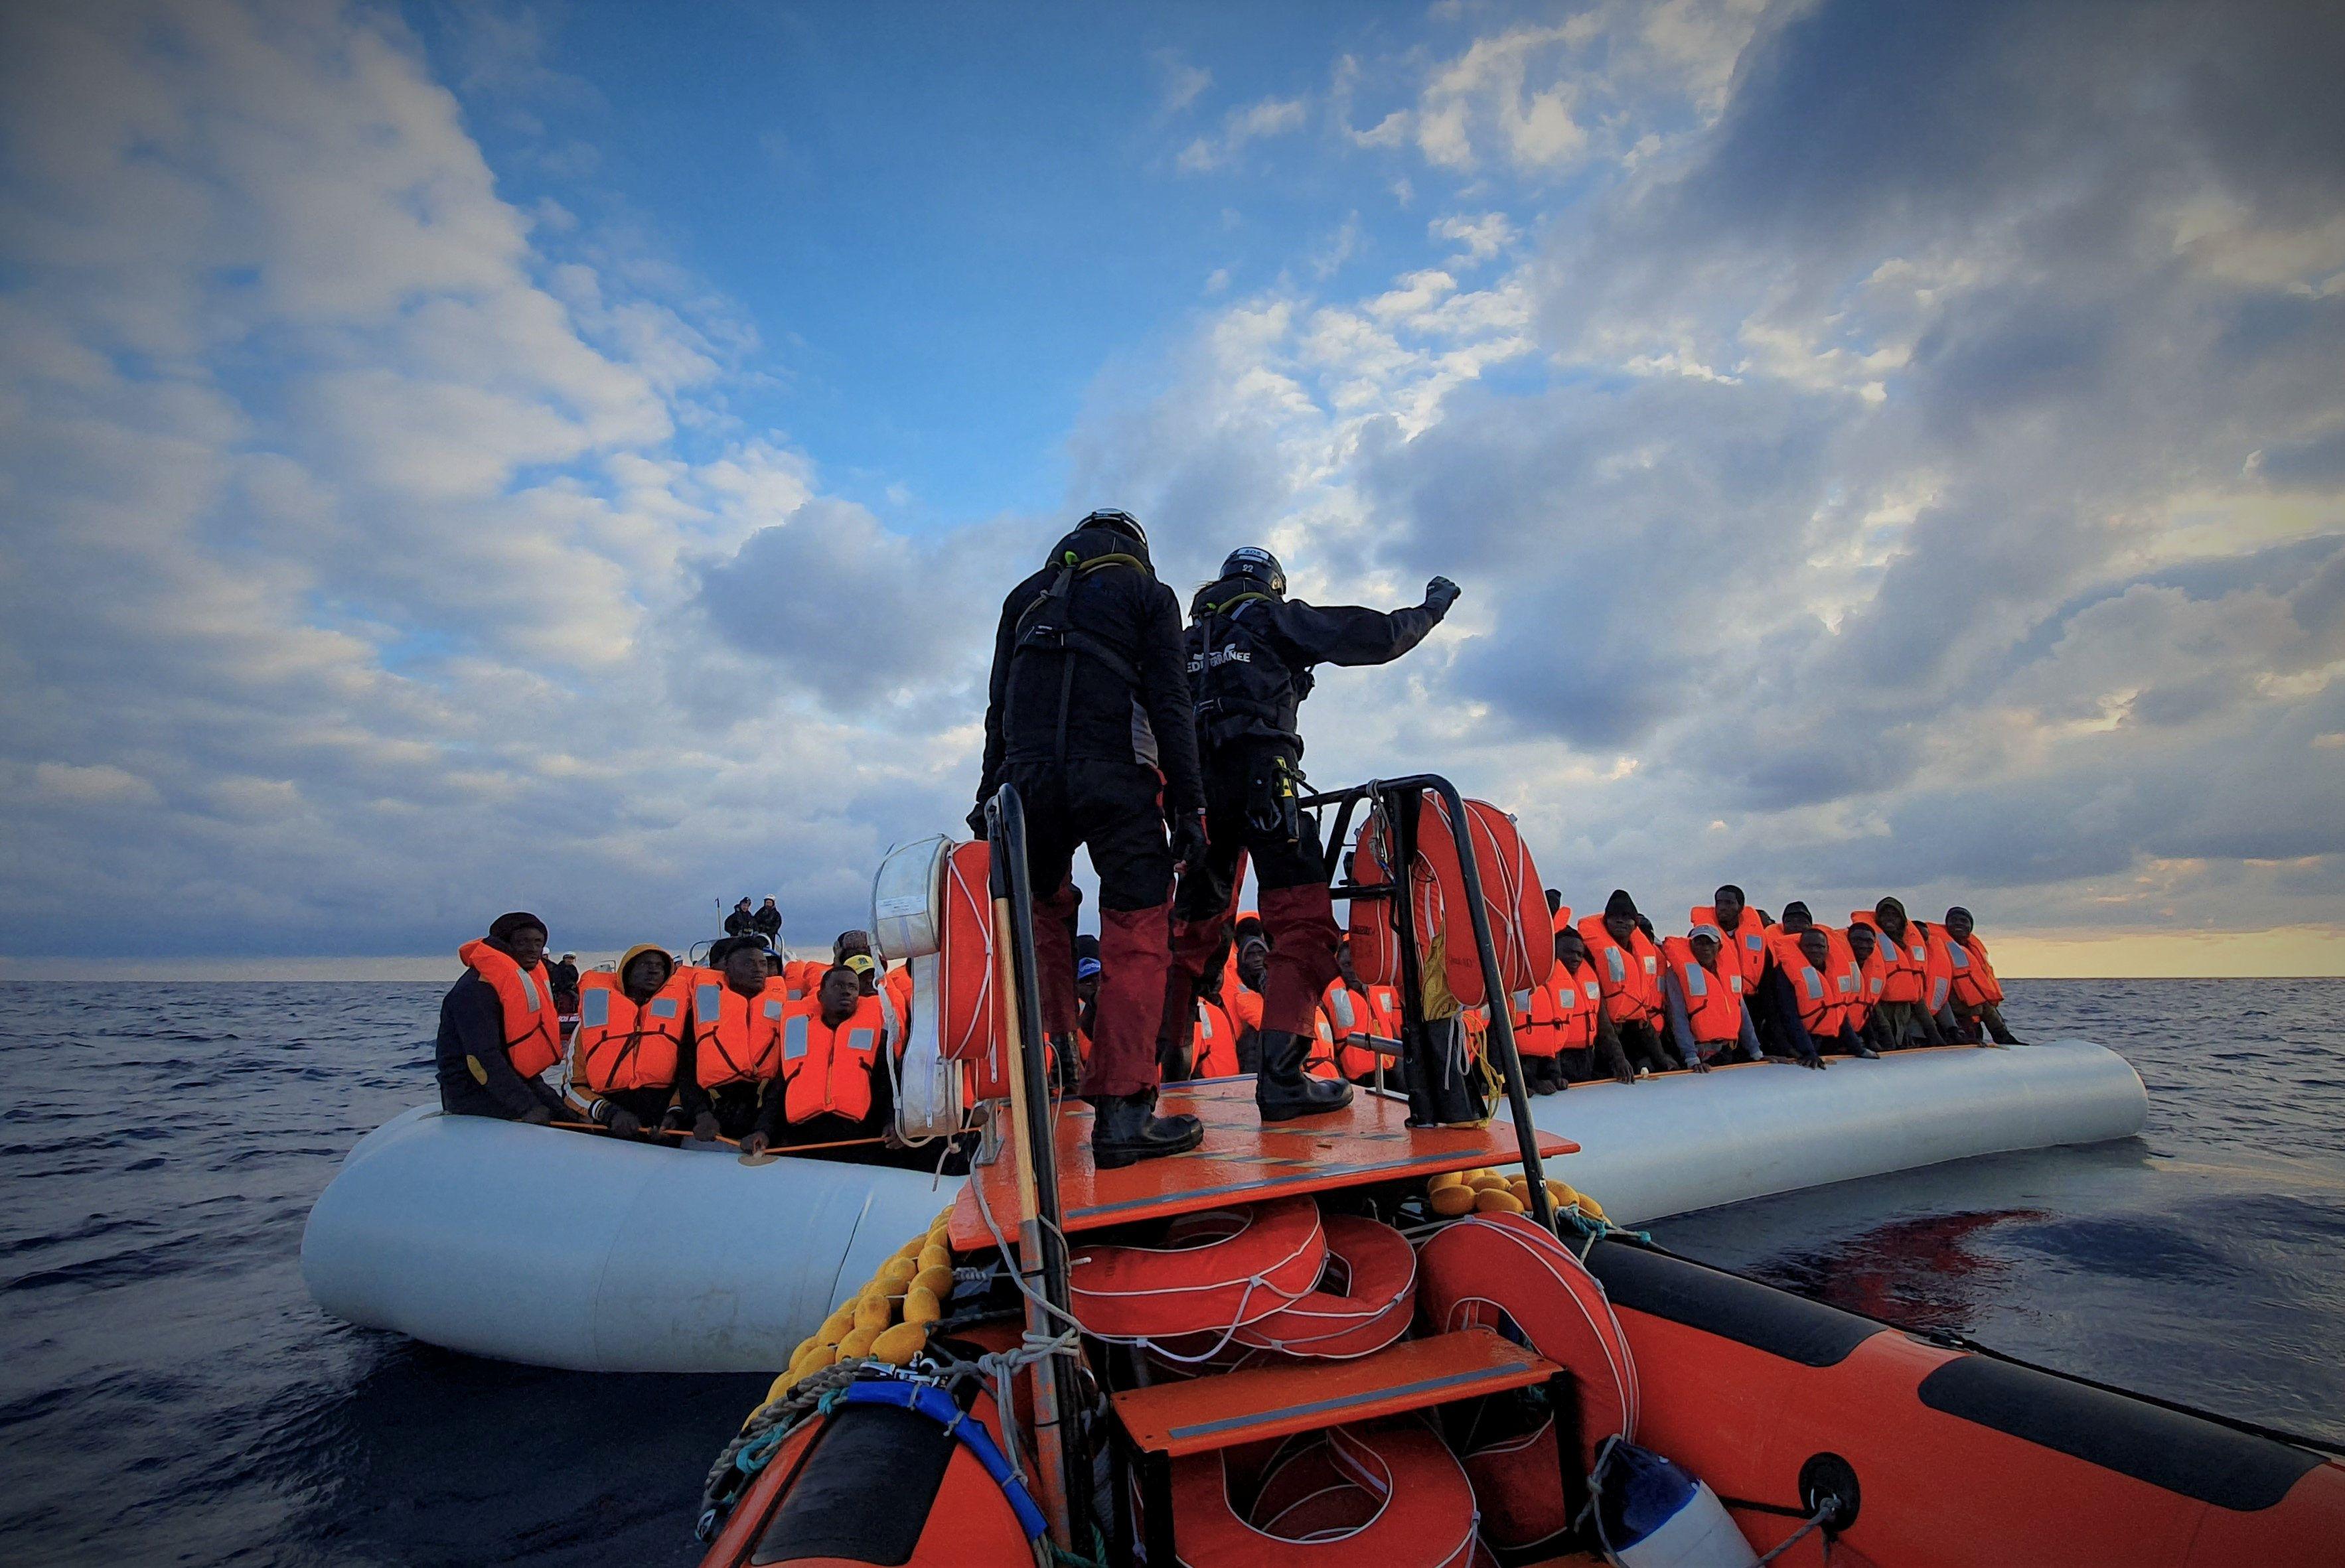 Coronavirus Politics Daily: Italy closes ports, Spain floats UBI, Libya cases grow